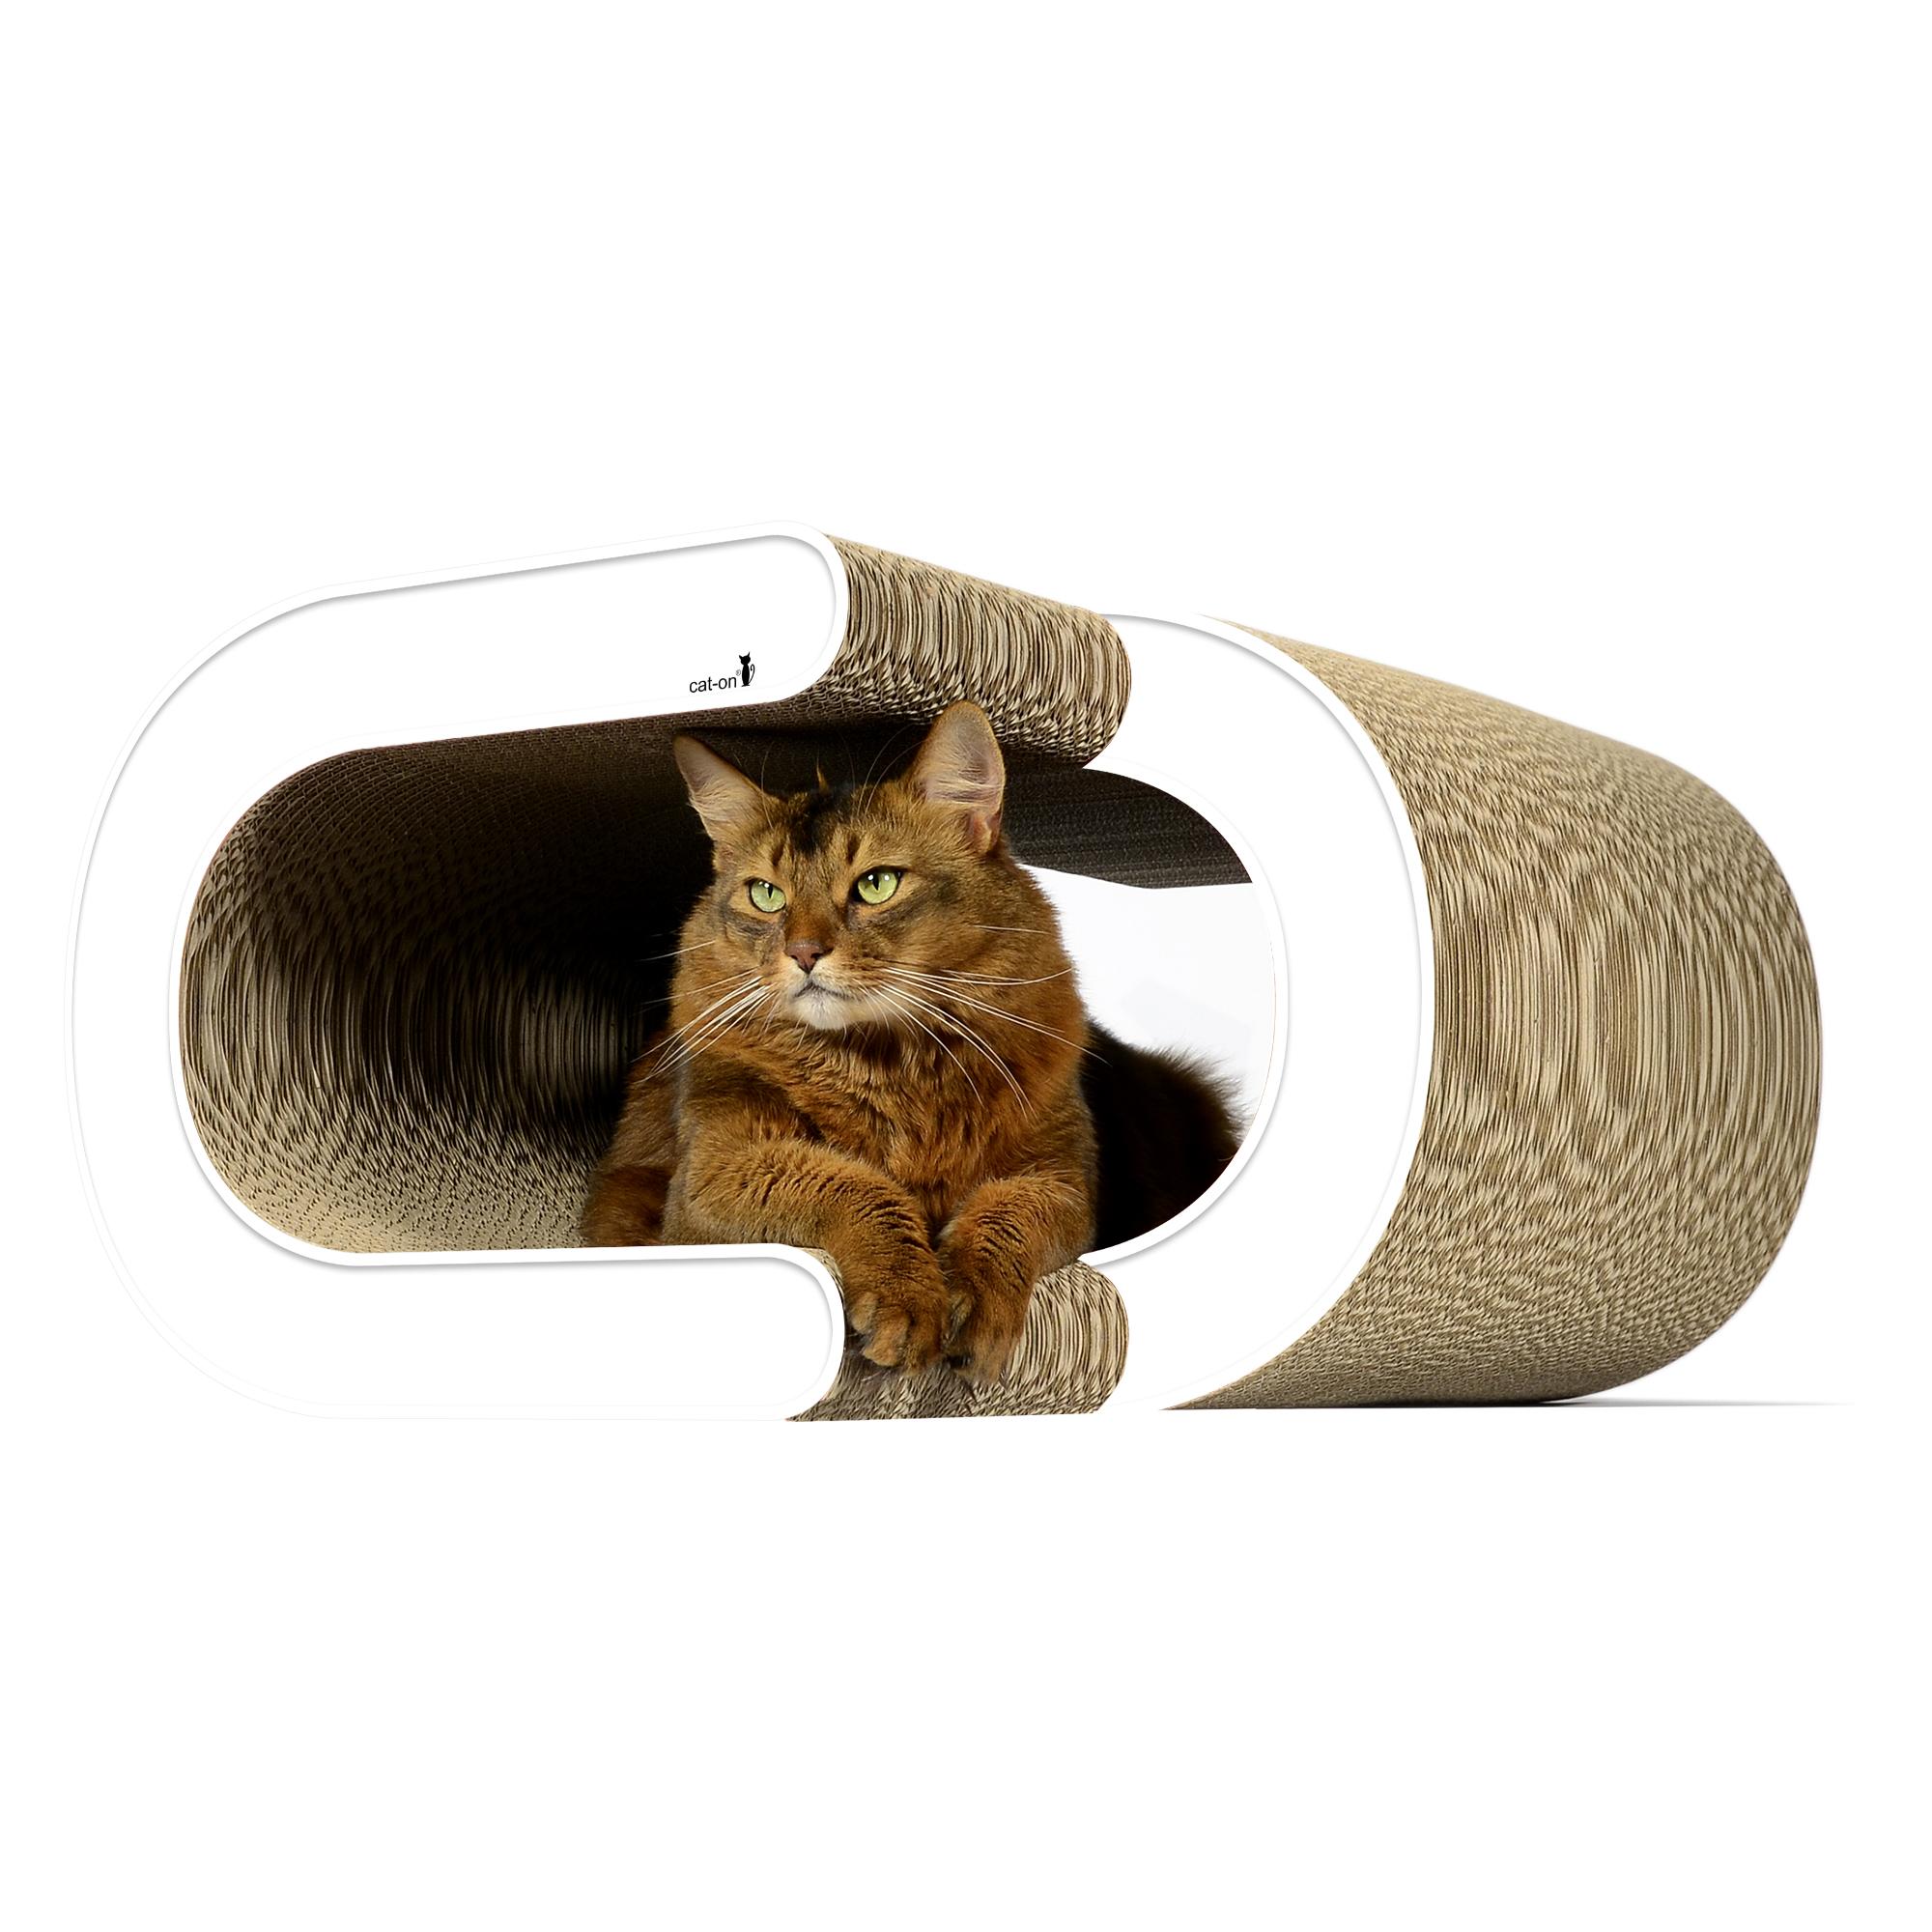 Design cardboard cat scratcher La Vague XL - color: 000 - white